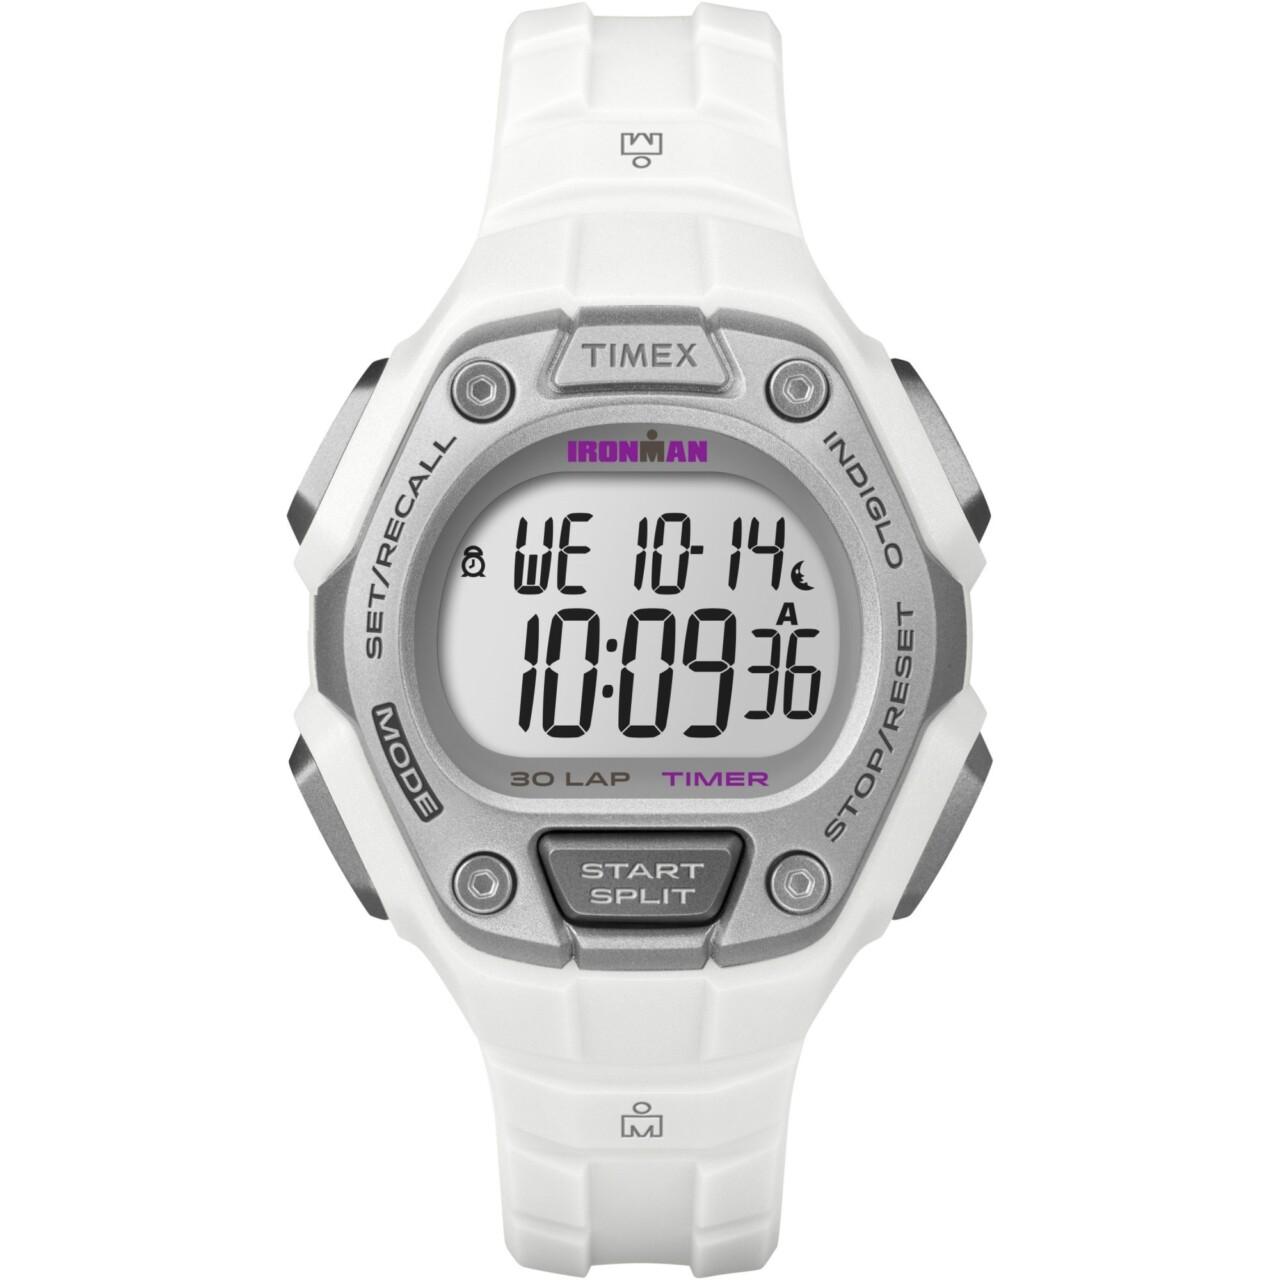 Timex Ironman TW5K89400 1